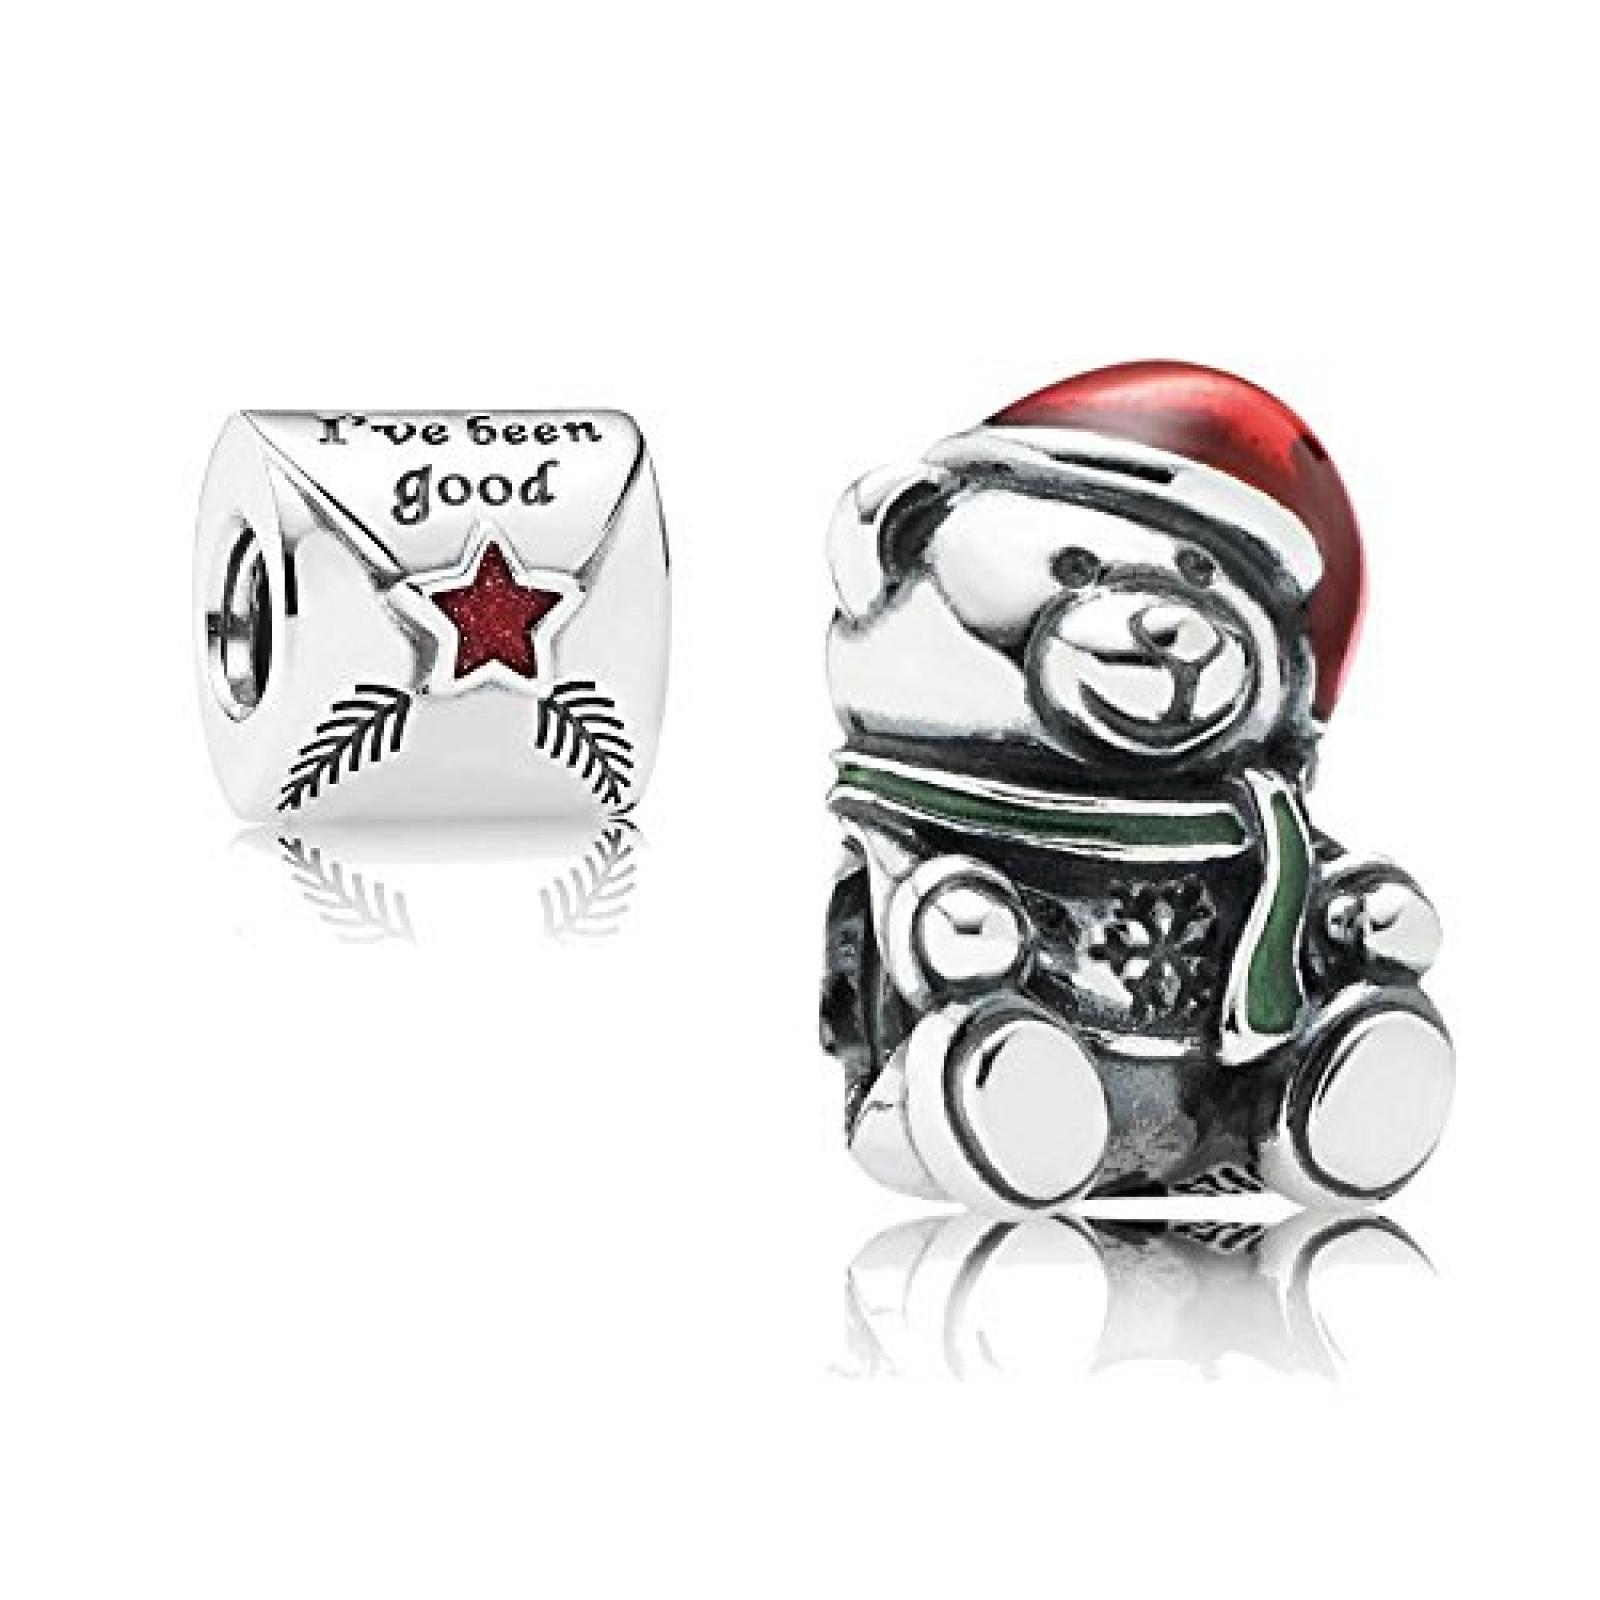 Original Pandora Geschenkset - 1 Silber Element Weihnachts-Teddy mit roter, weißer und grüner Emaille 791391ENMX und 1 Silber Element Brief an den Weihnachtsmann mit roter Emaille 791390EN58